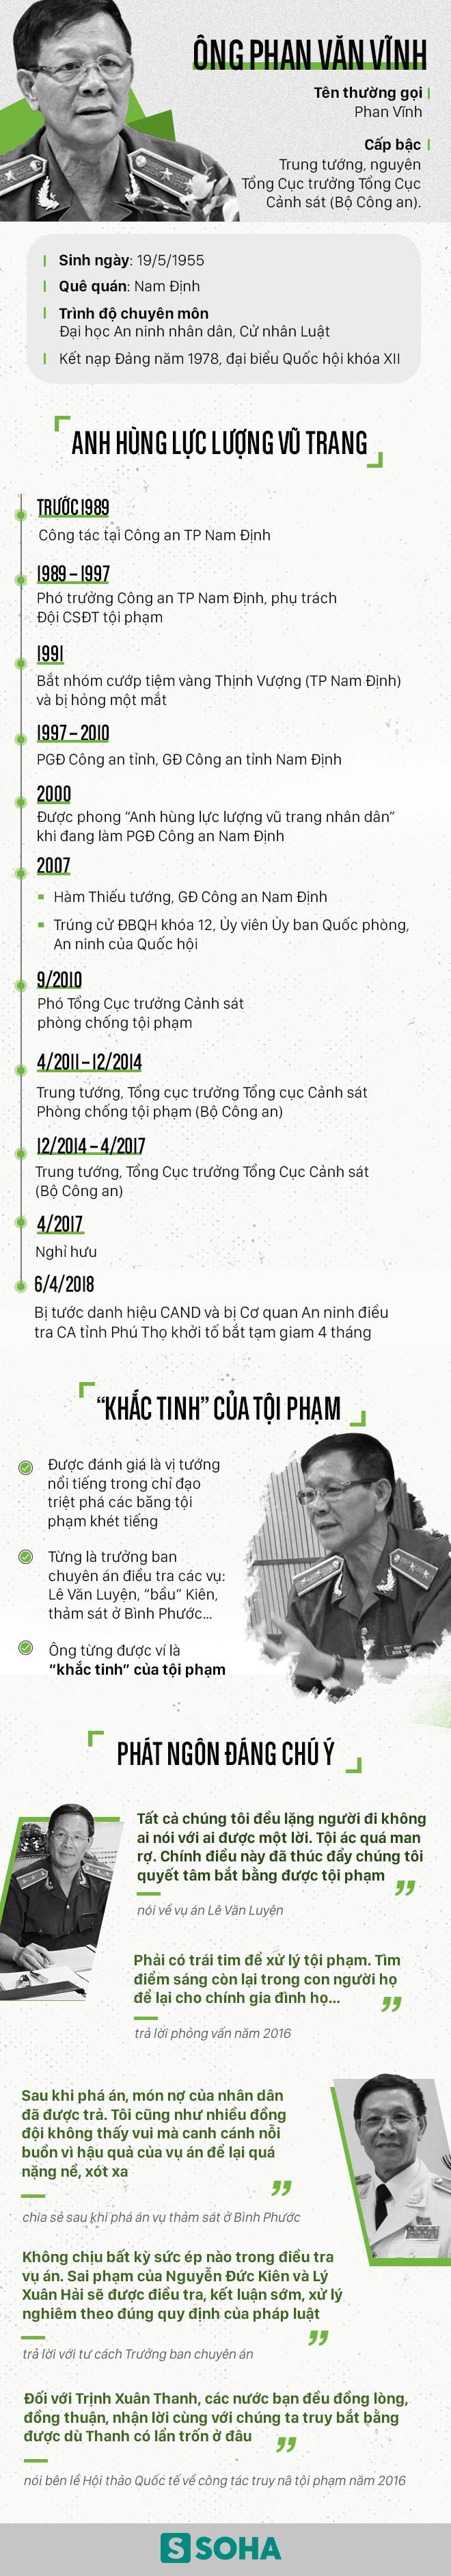 Những chuyên án lớn mà cựu trung tướng Phan Văn Vĩnh từng chỉ đạo điều tra - Ảnh 4.